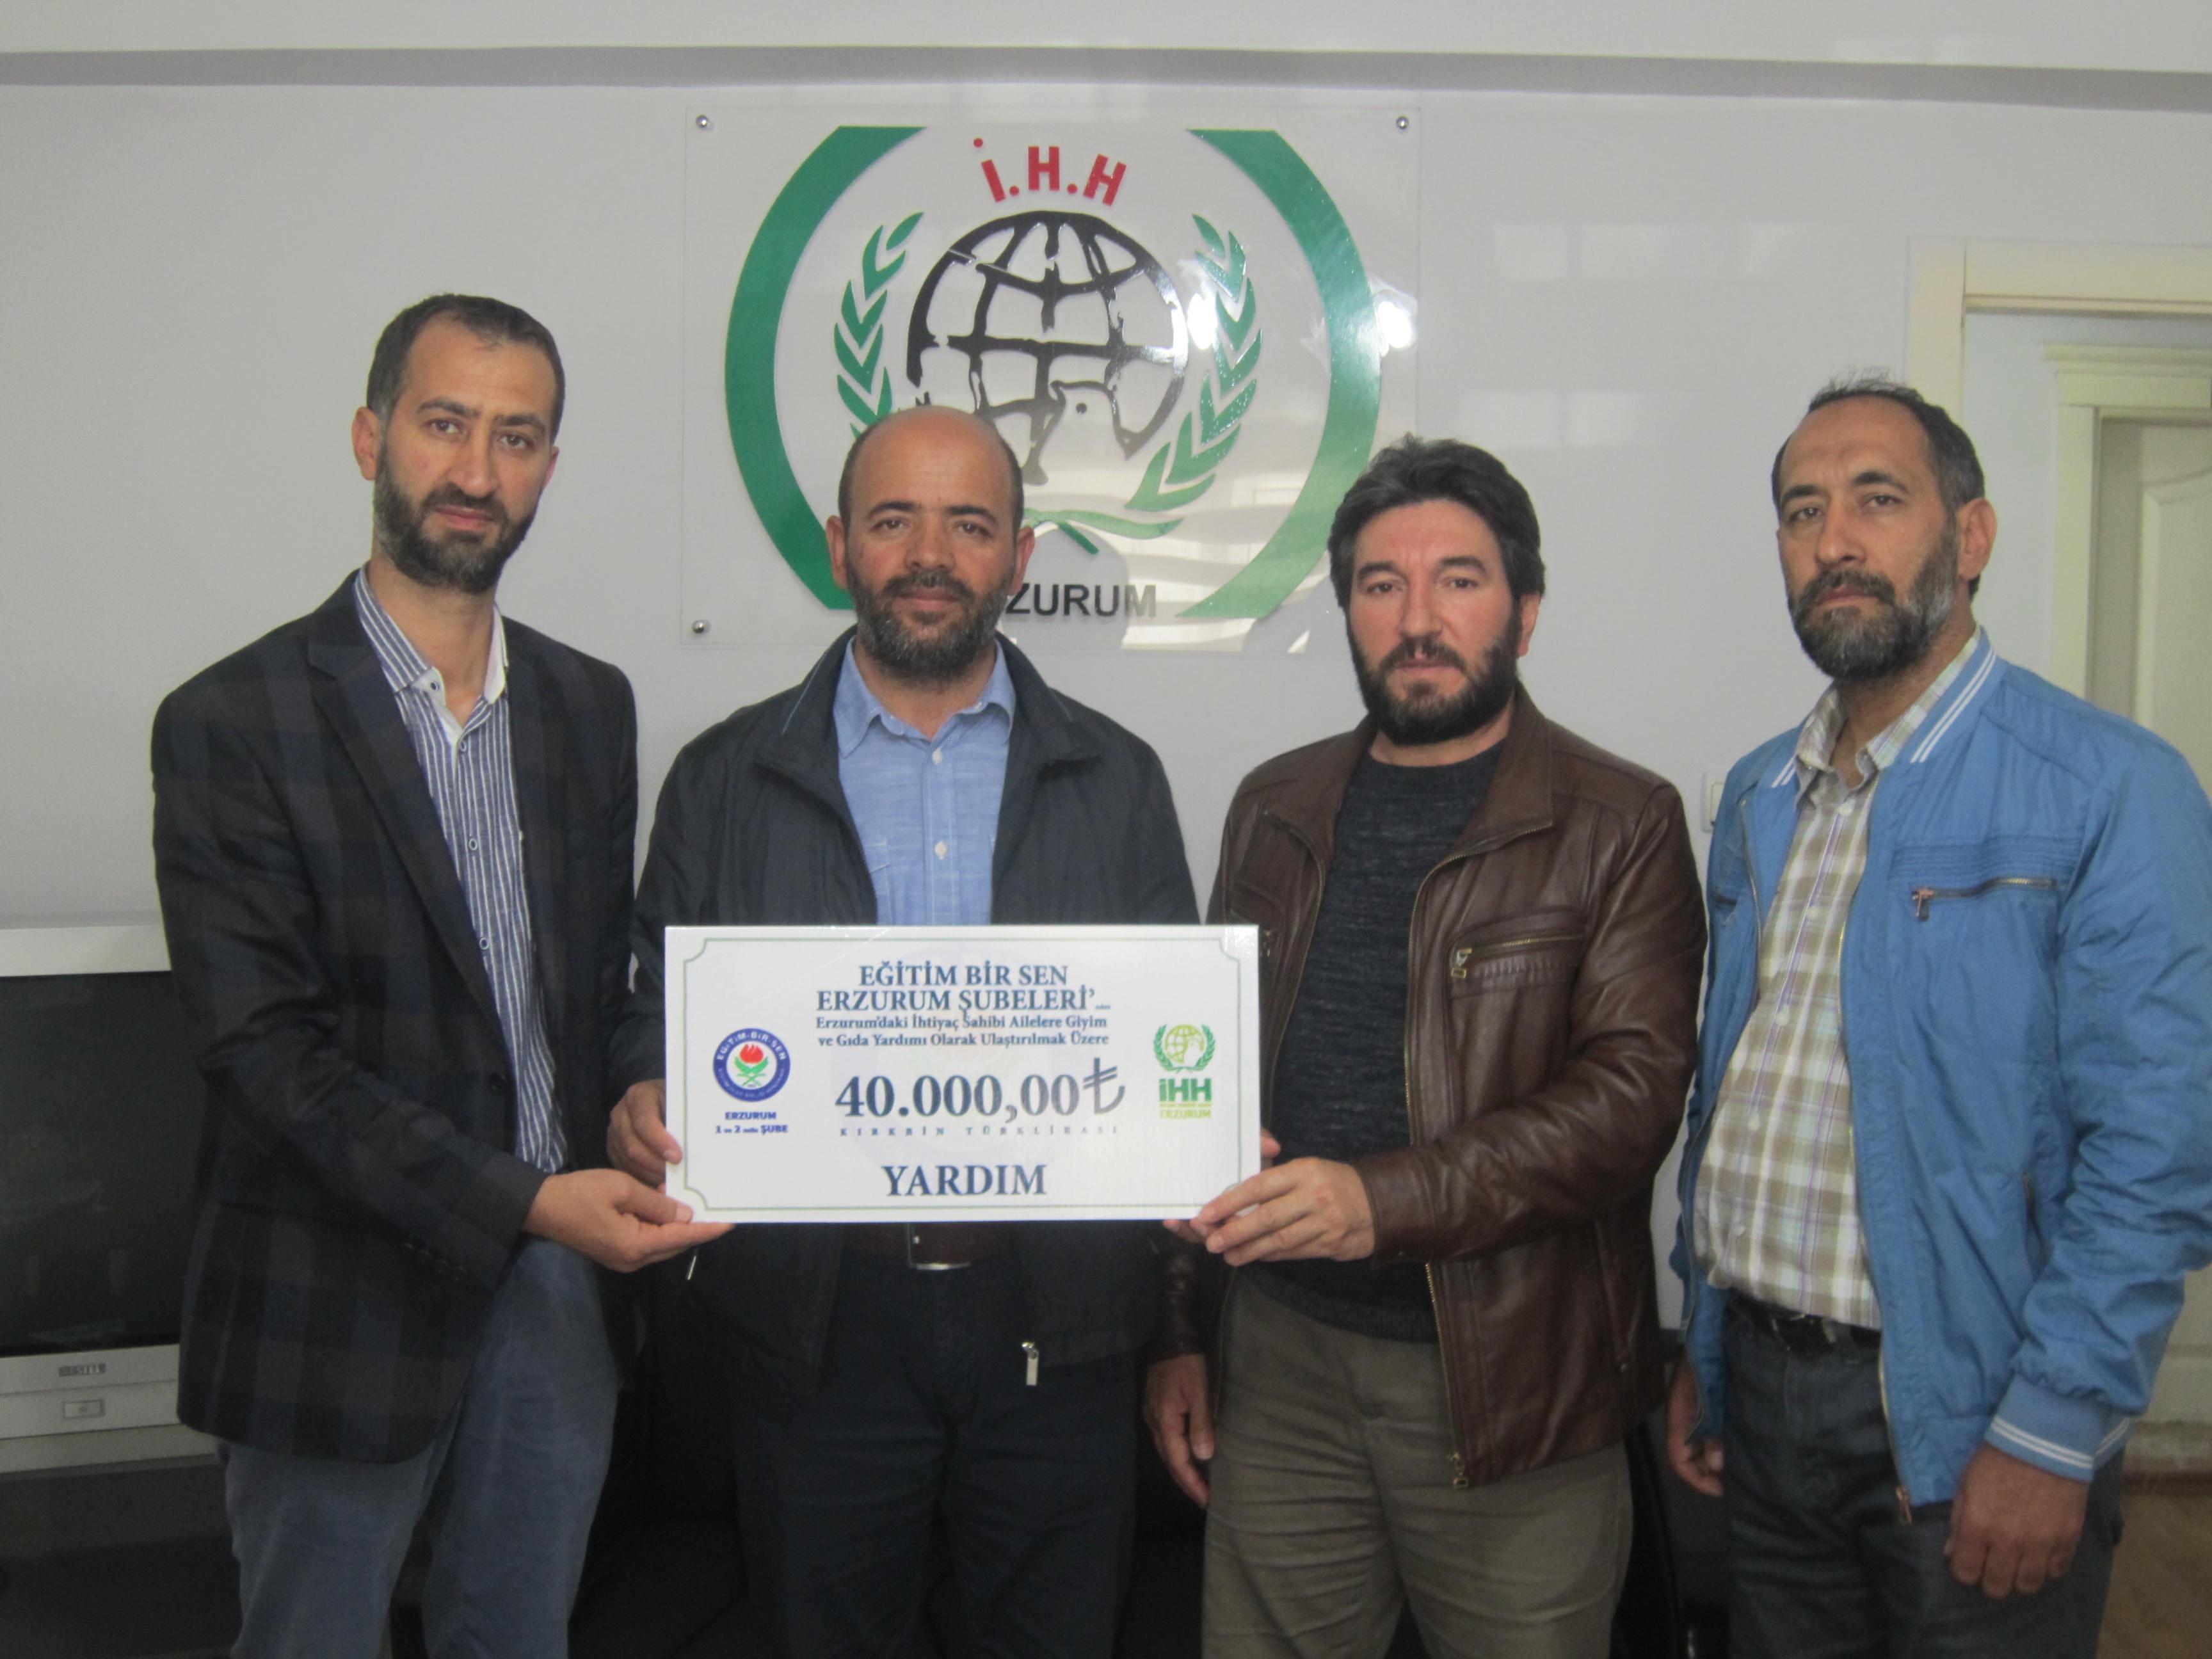 Erzurum Eğitim Bir Sen'den anlamlı yardım